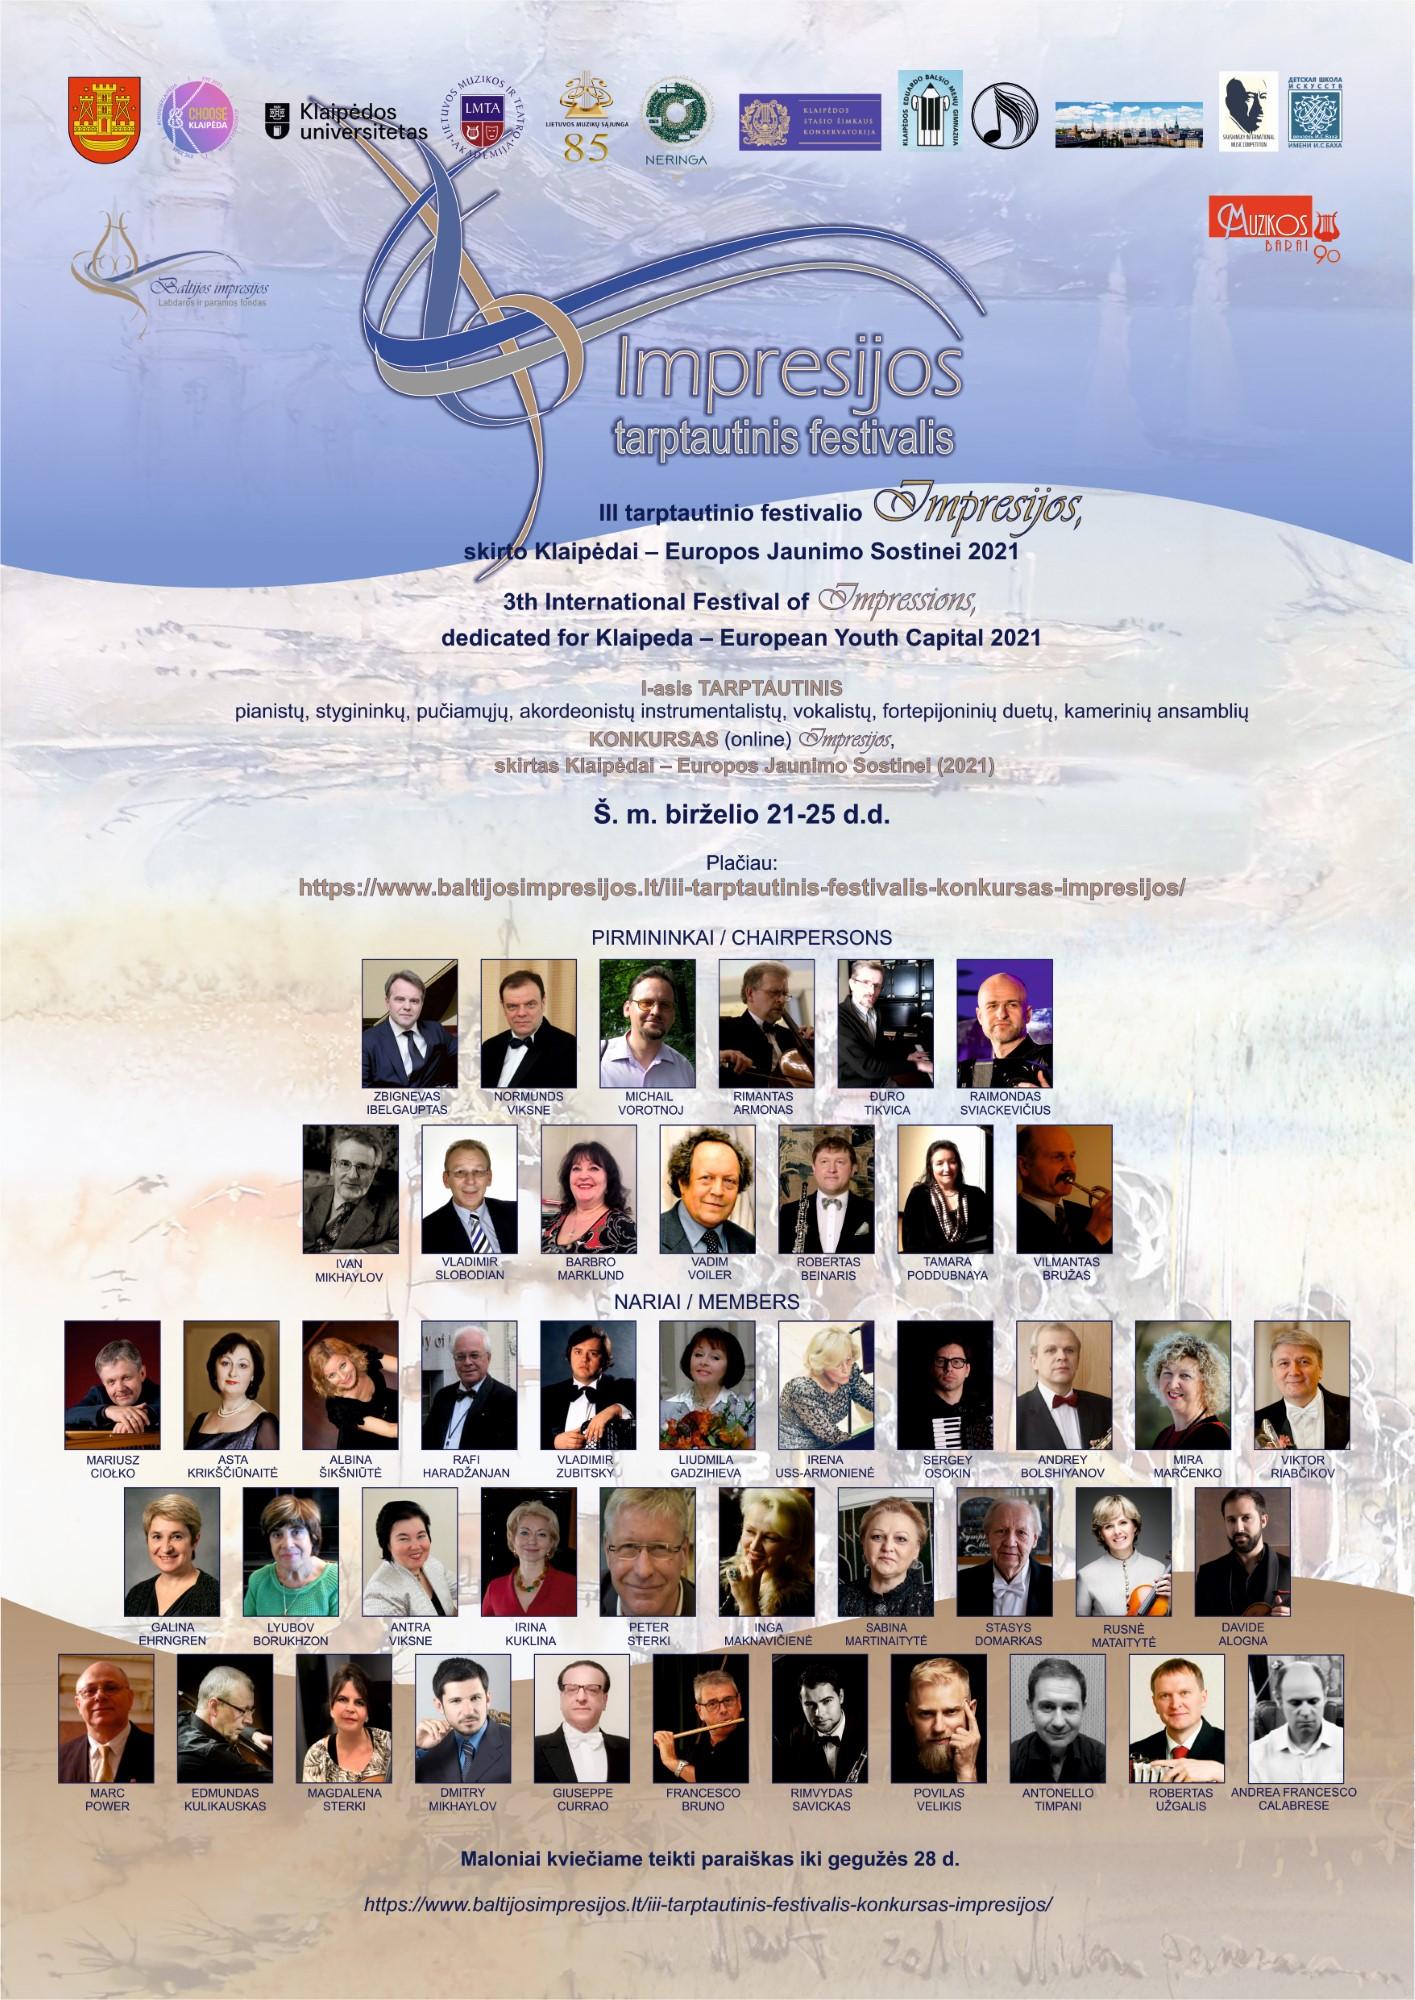 III tarptautinis festivalis IMPRESIJOS, skirtas Klaipėdai – Europos Jaunimo sostinei 2021 Klaipėda, Lietuva